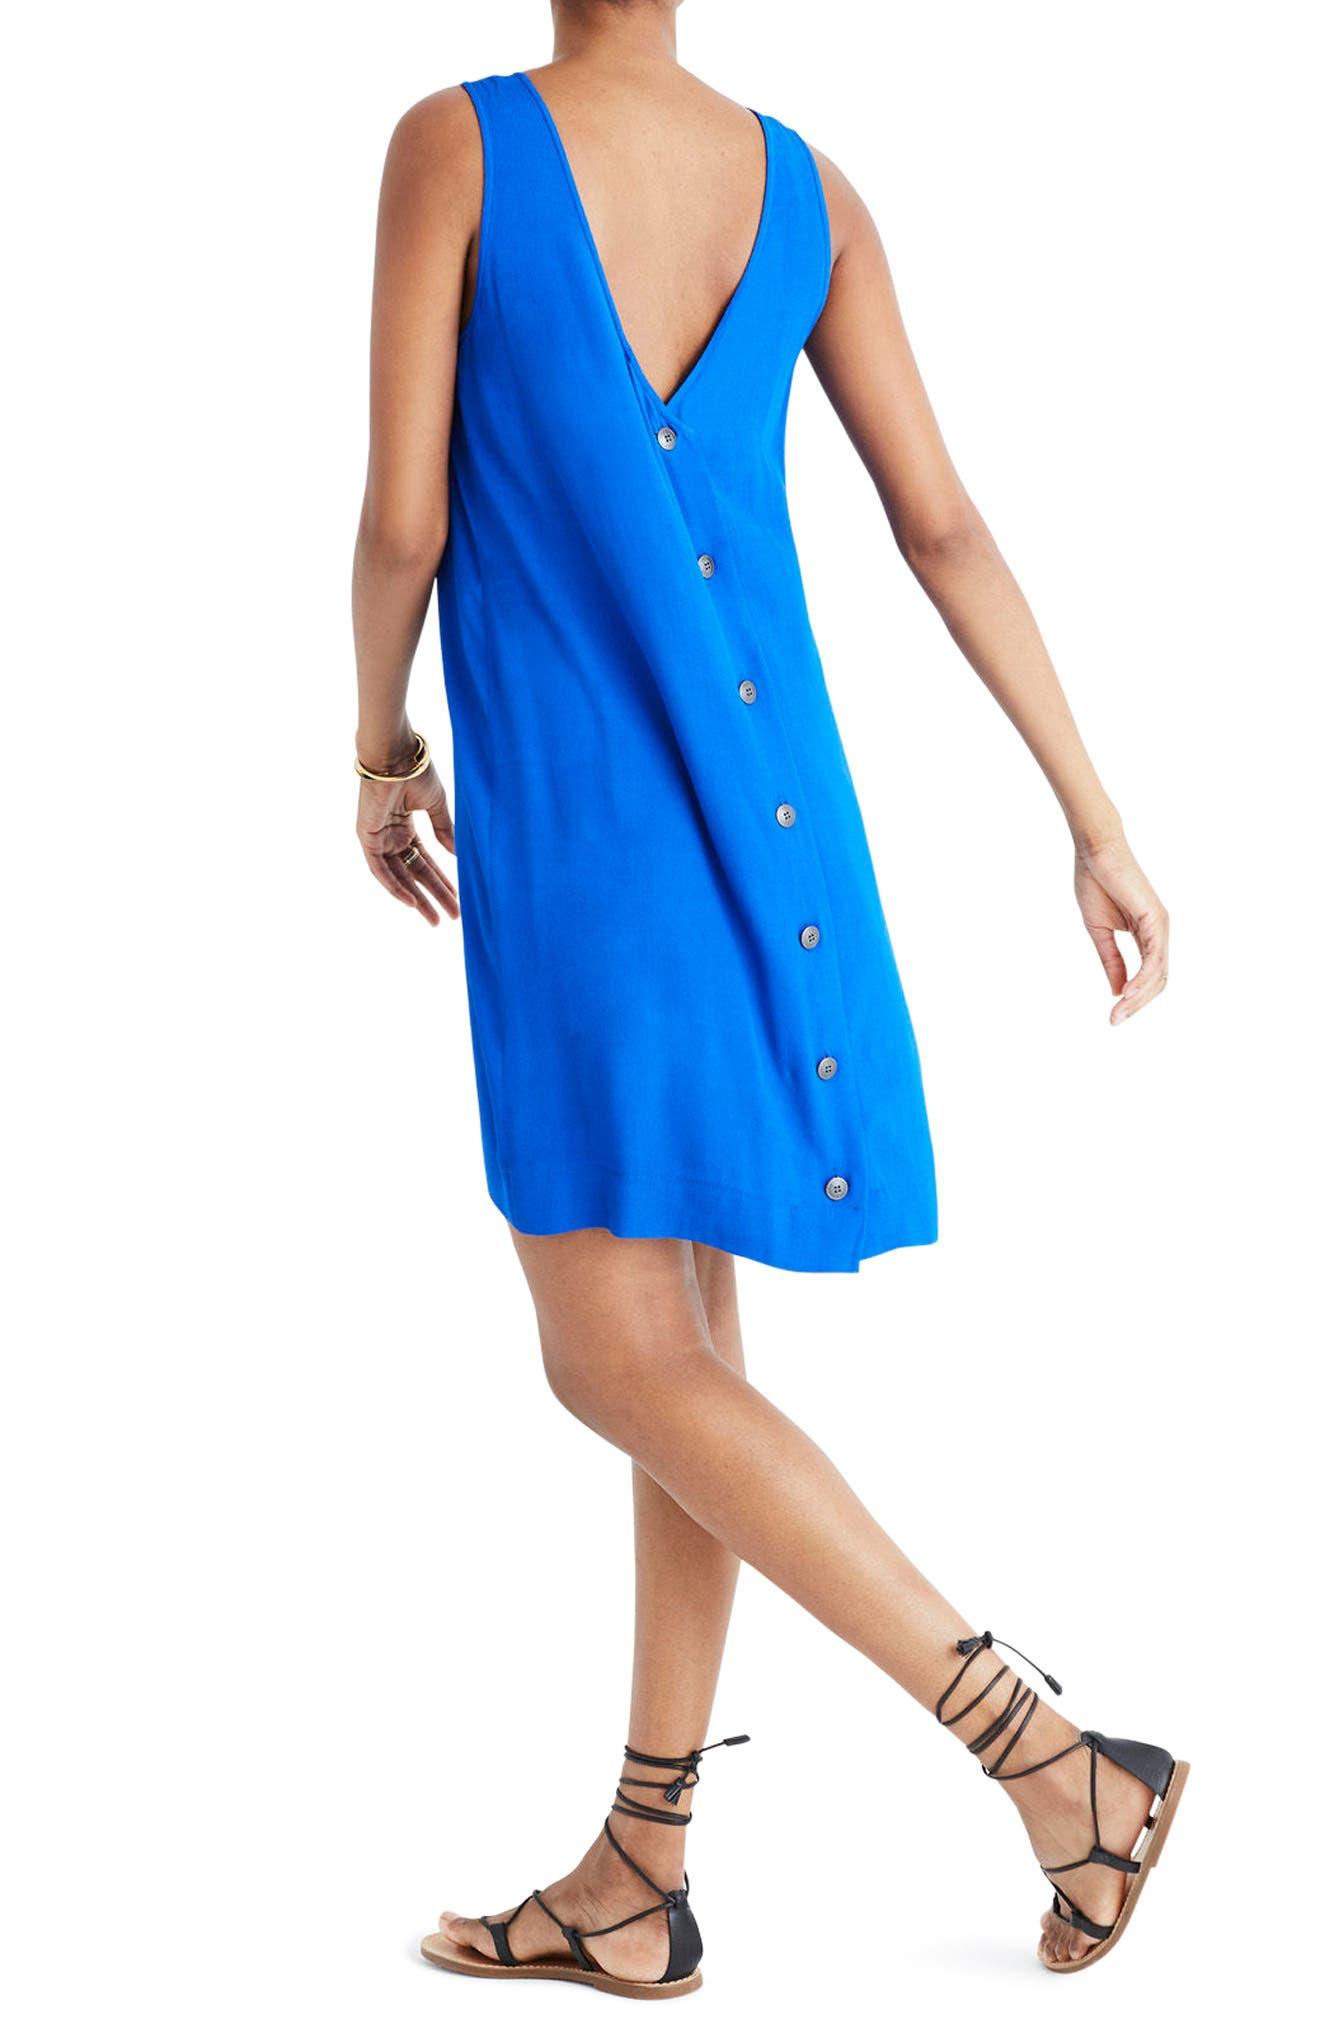 Lakeshore Button Back Dress,                             Alternate thumbnail 2, color,                             Brilliant Royal